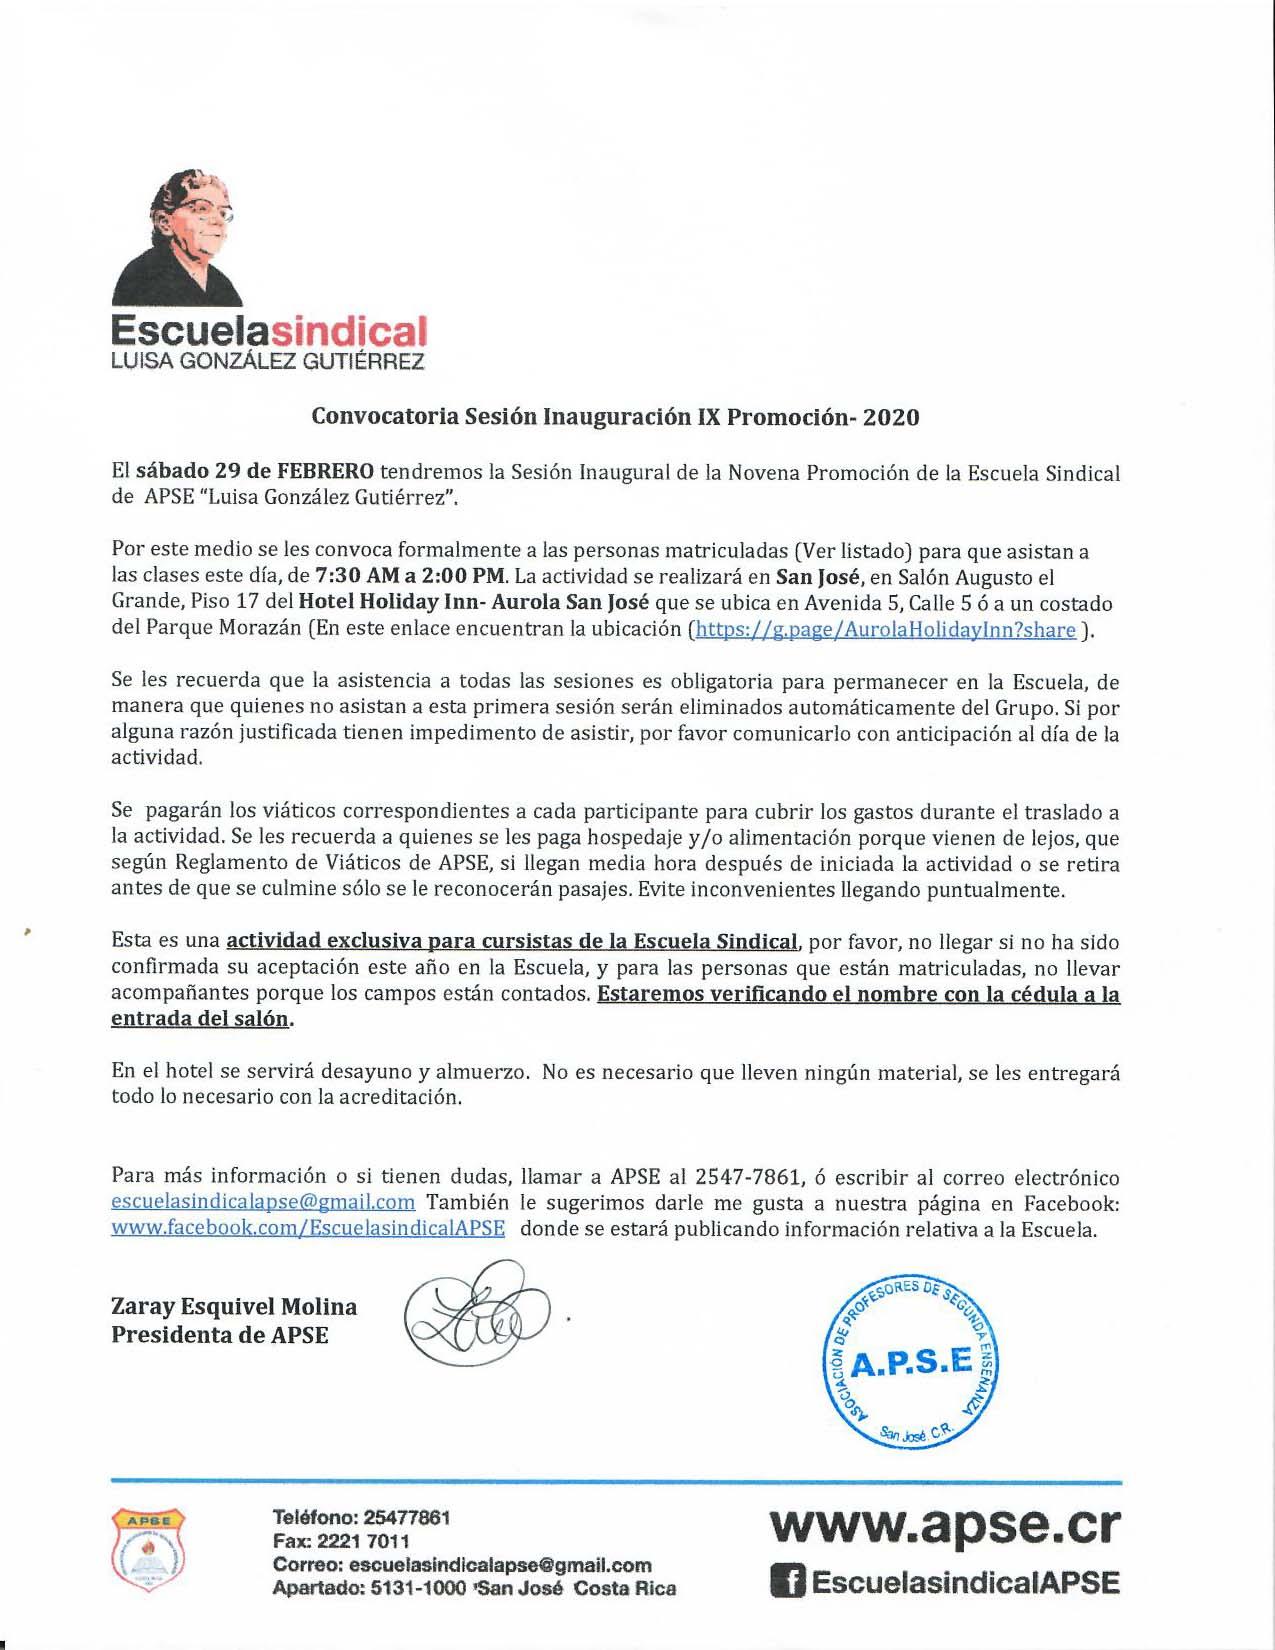 """ESCUELA SINDICAL DE APSE """"LUISA GONZÁLEZ GUTIÉRREZ» -CONVOCATORIA SESIÓN INAUGURACIÓN IX PROMOCIÓN- 2020"""